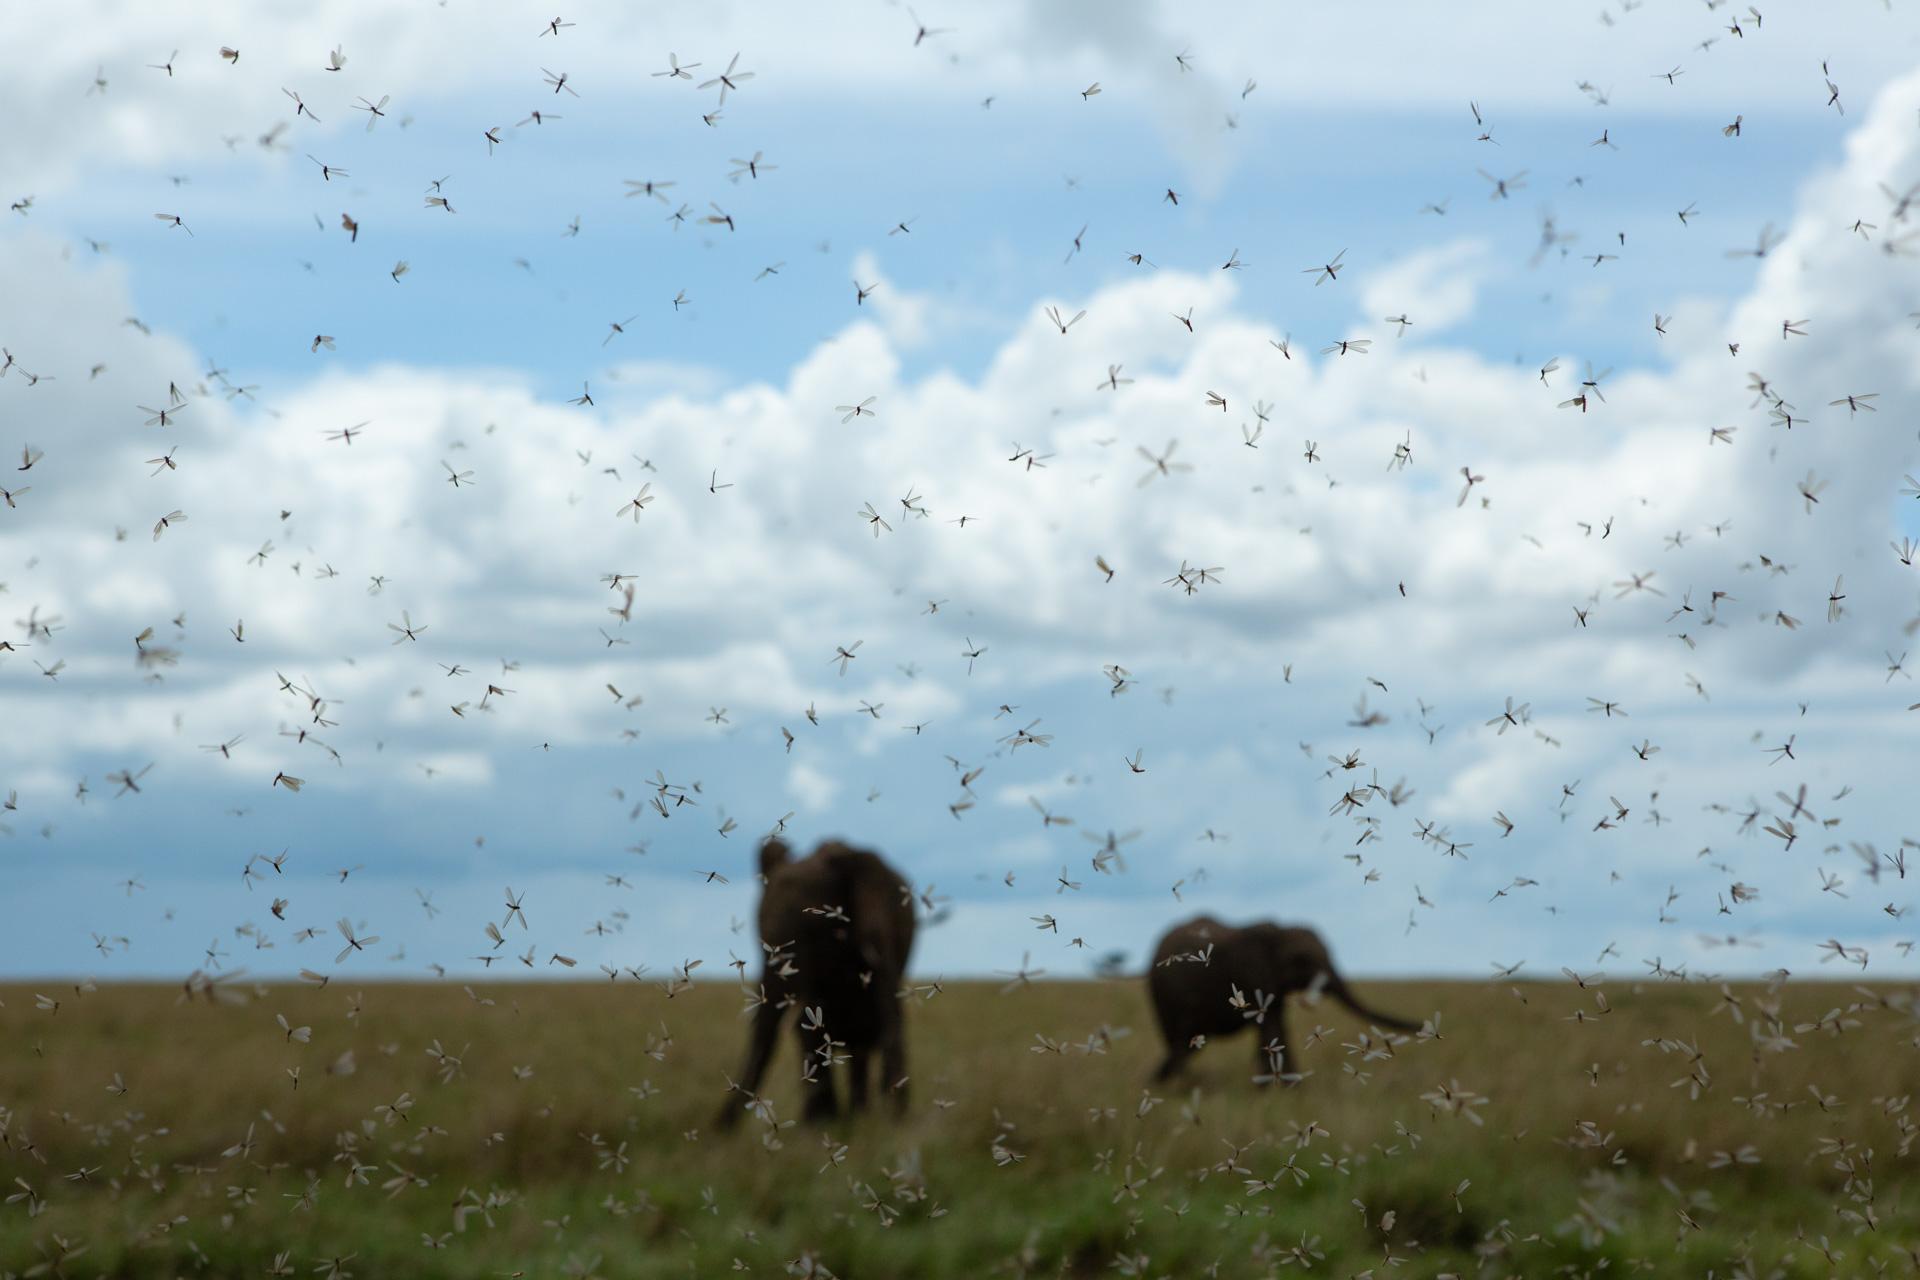 Elephants and termites